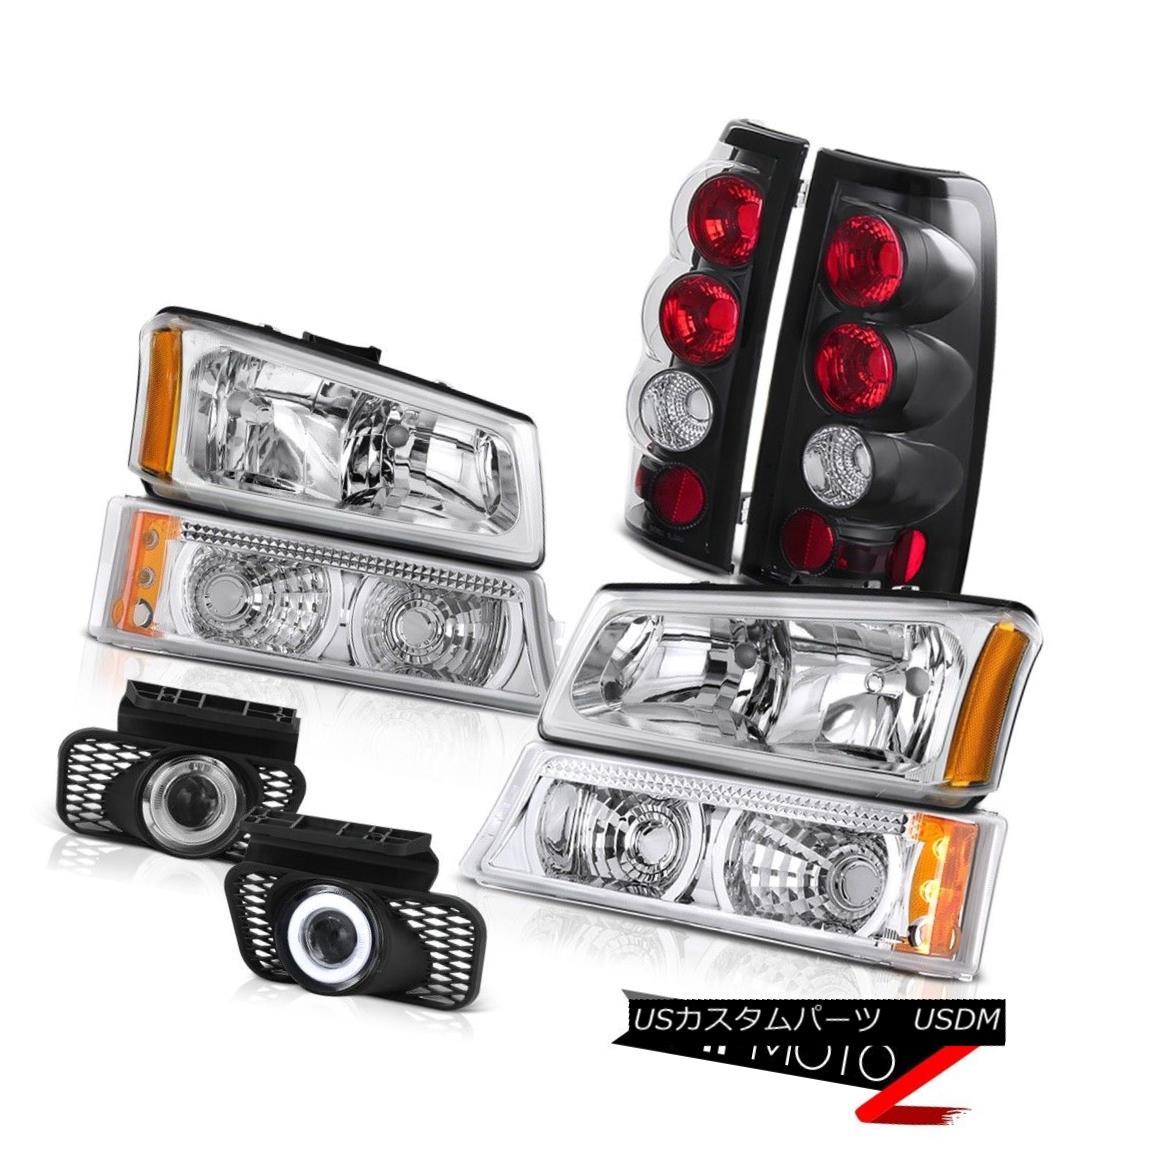 ヘッドライト 2003-2006 Silverado Left Right Headlight Bumper Lamp Tail Light DRL LED foglight 2003-2006シルバラード左ライトヘッドライトバンパーランプテールライトDRL LEDフォグライト